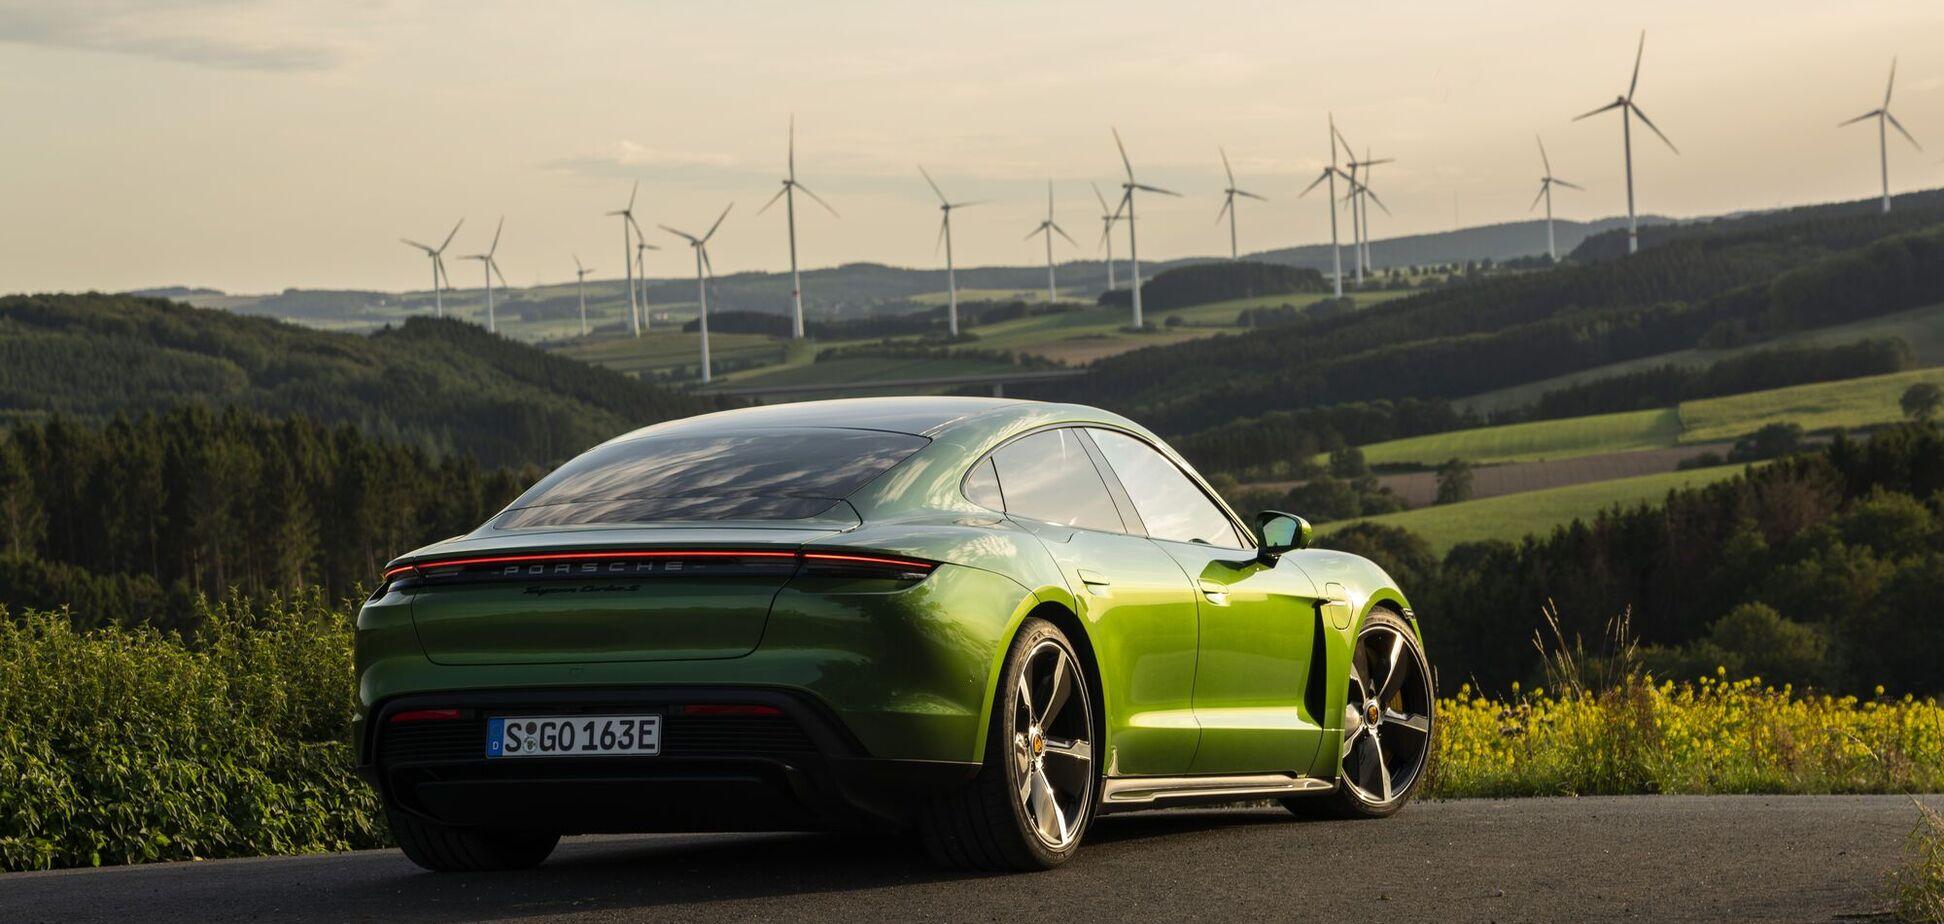 Porsche та Siemens Energy працюють над створенням синтетичних видів палива